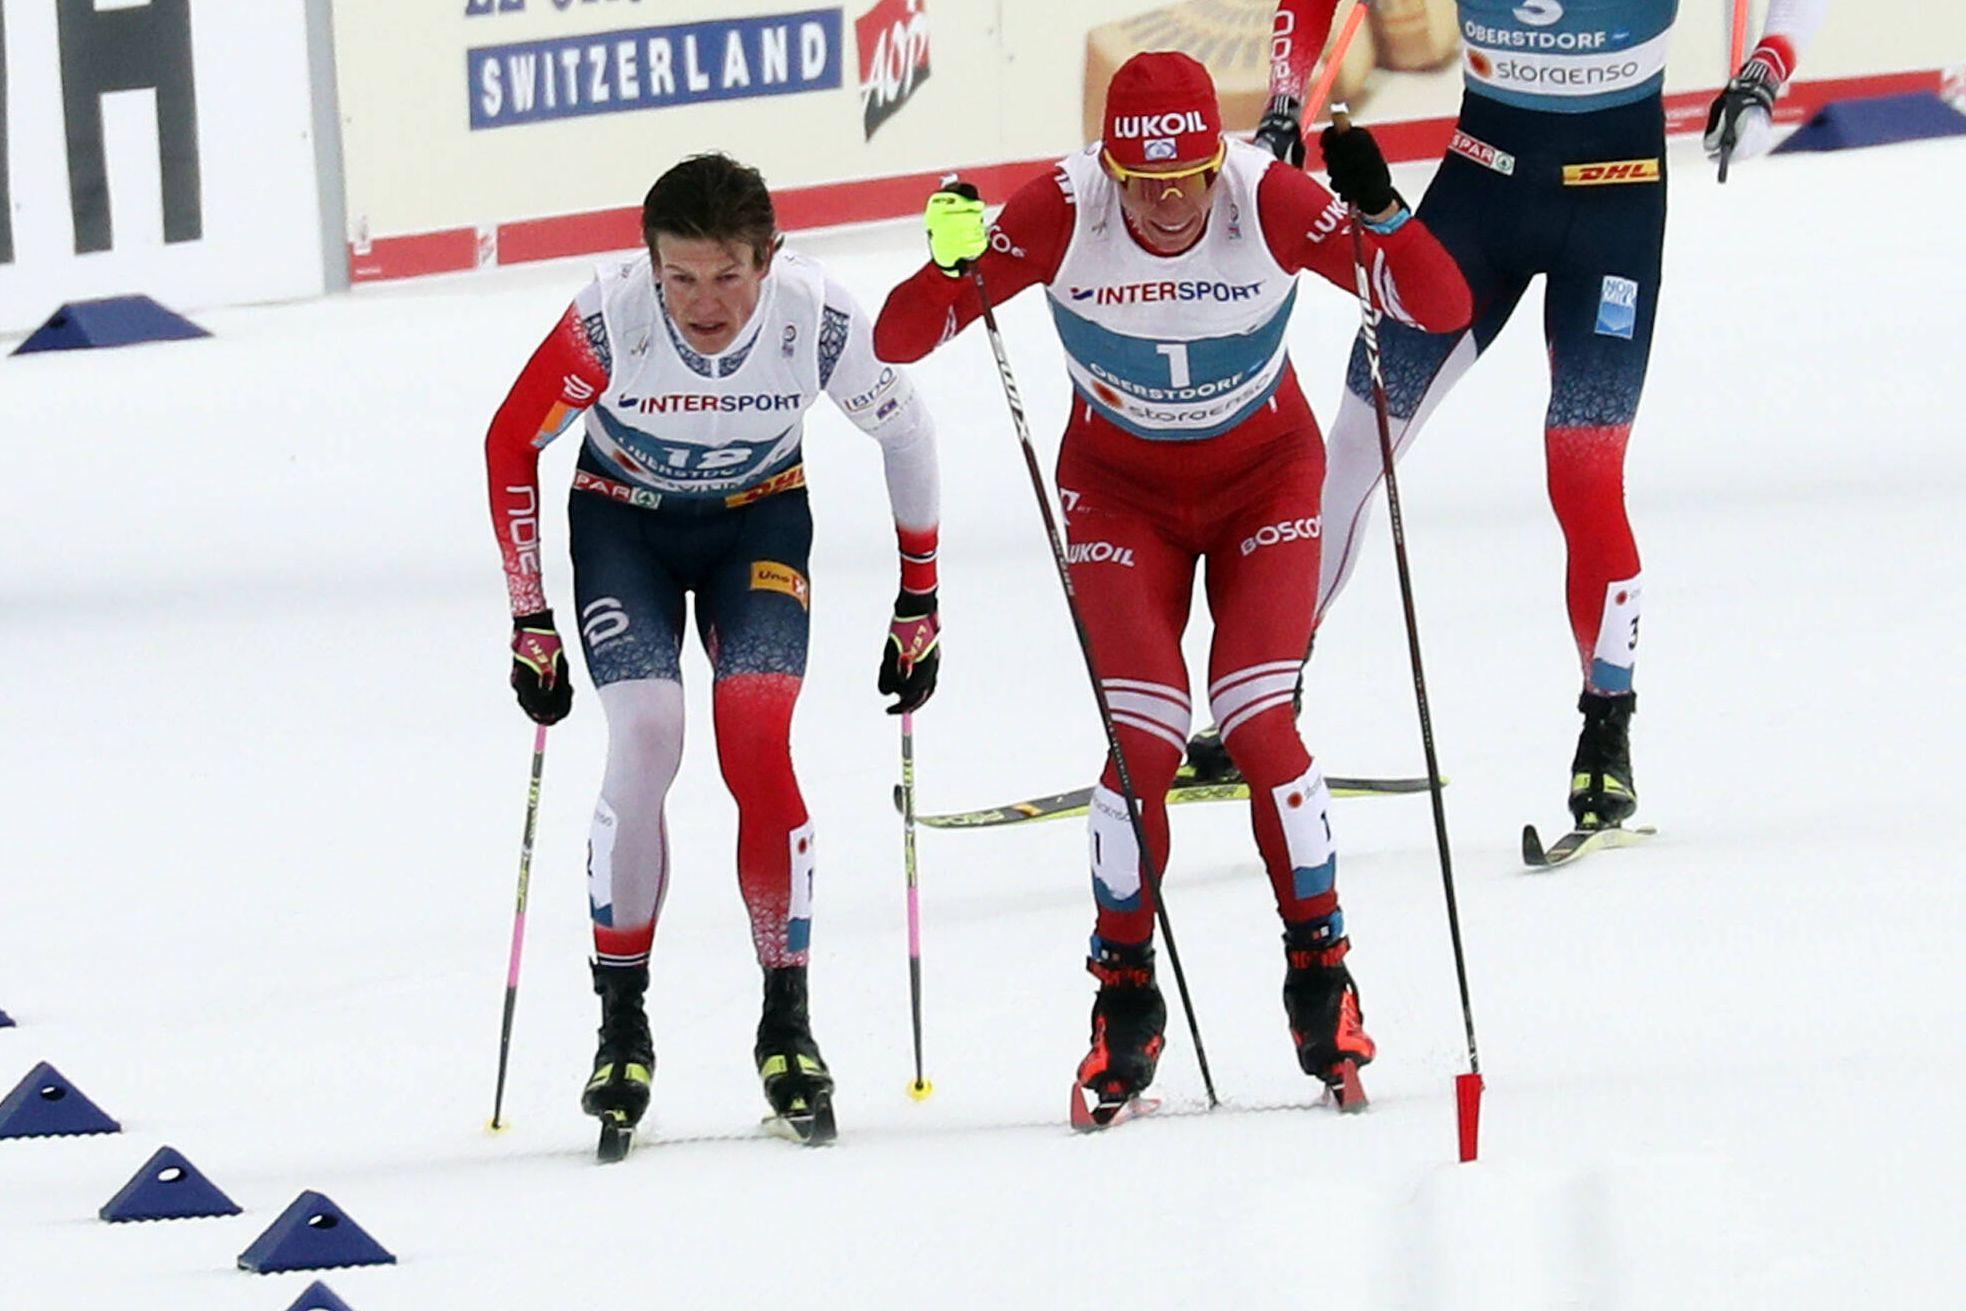 Норвежцы подали апелляцию на дисквалификацию Клебо в марафоне